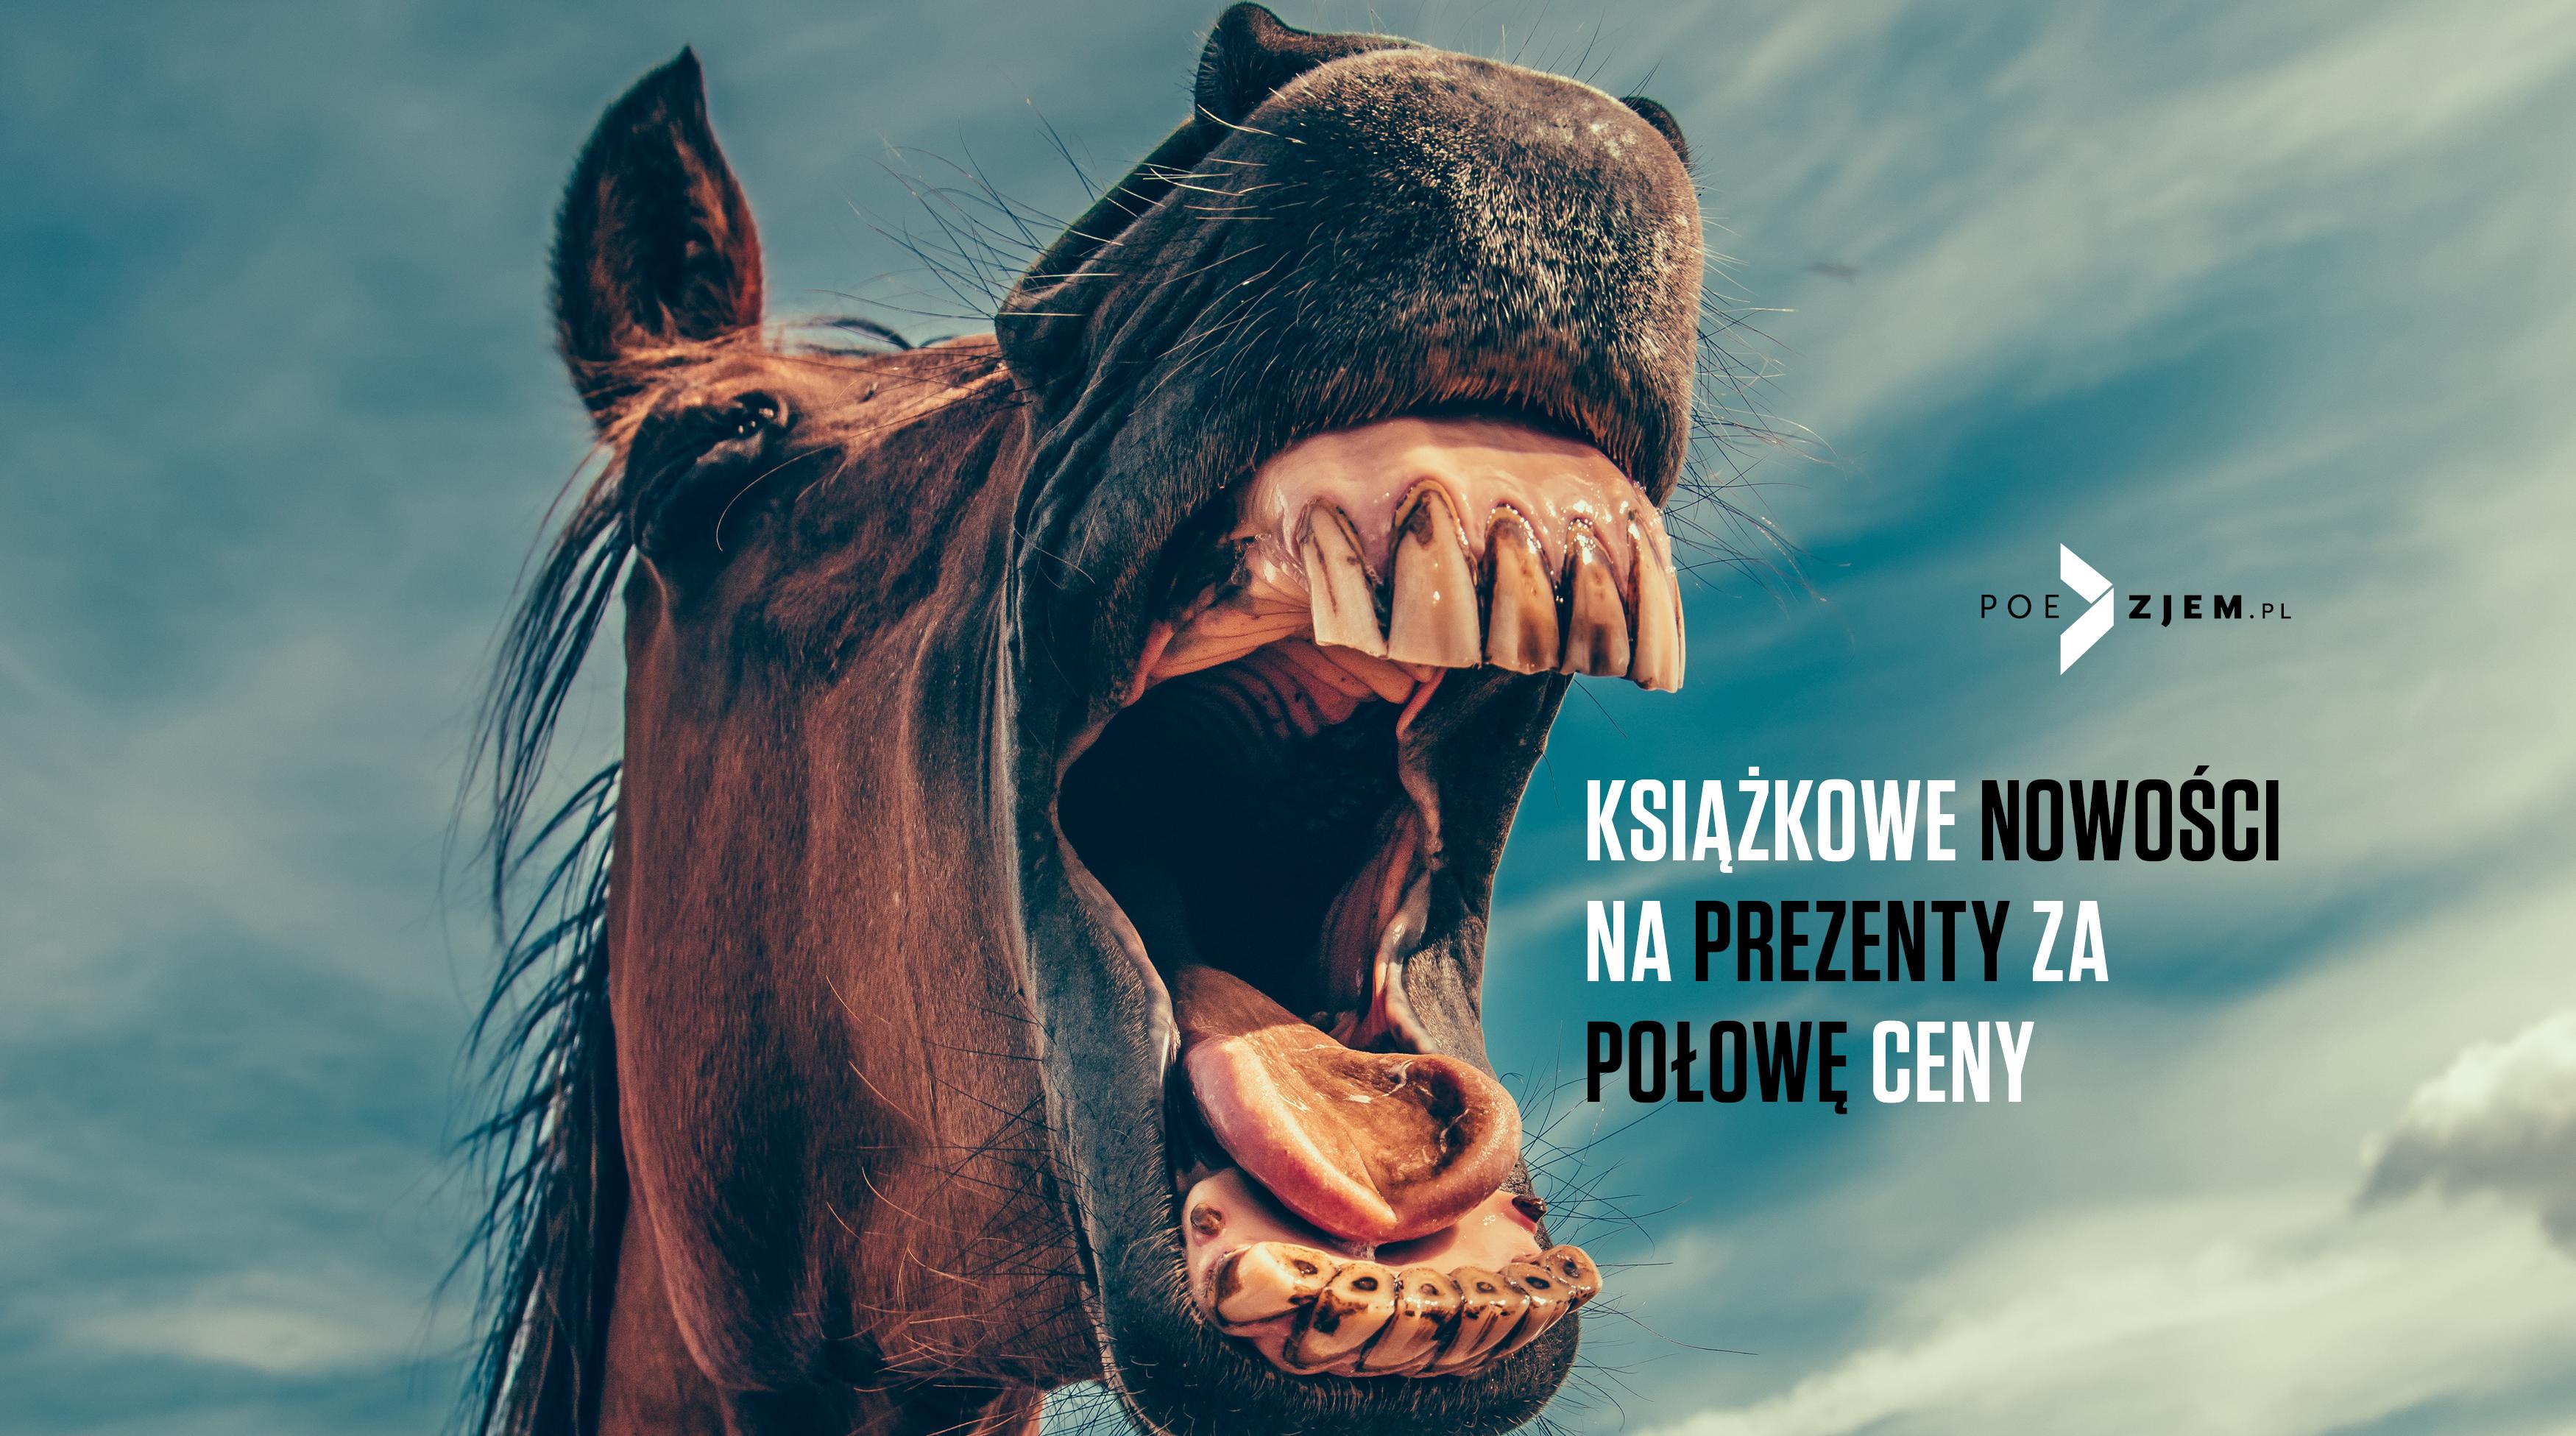 BL_Img_2018.11.08_Ksiazkowe_nowosci_na_prezenty_za_polowe_ceny__www_top